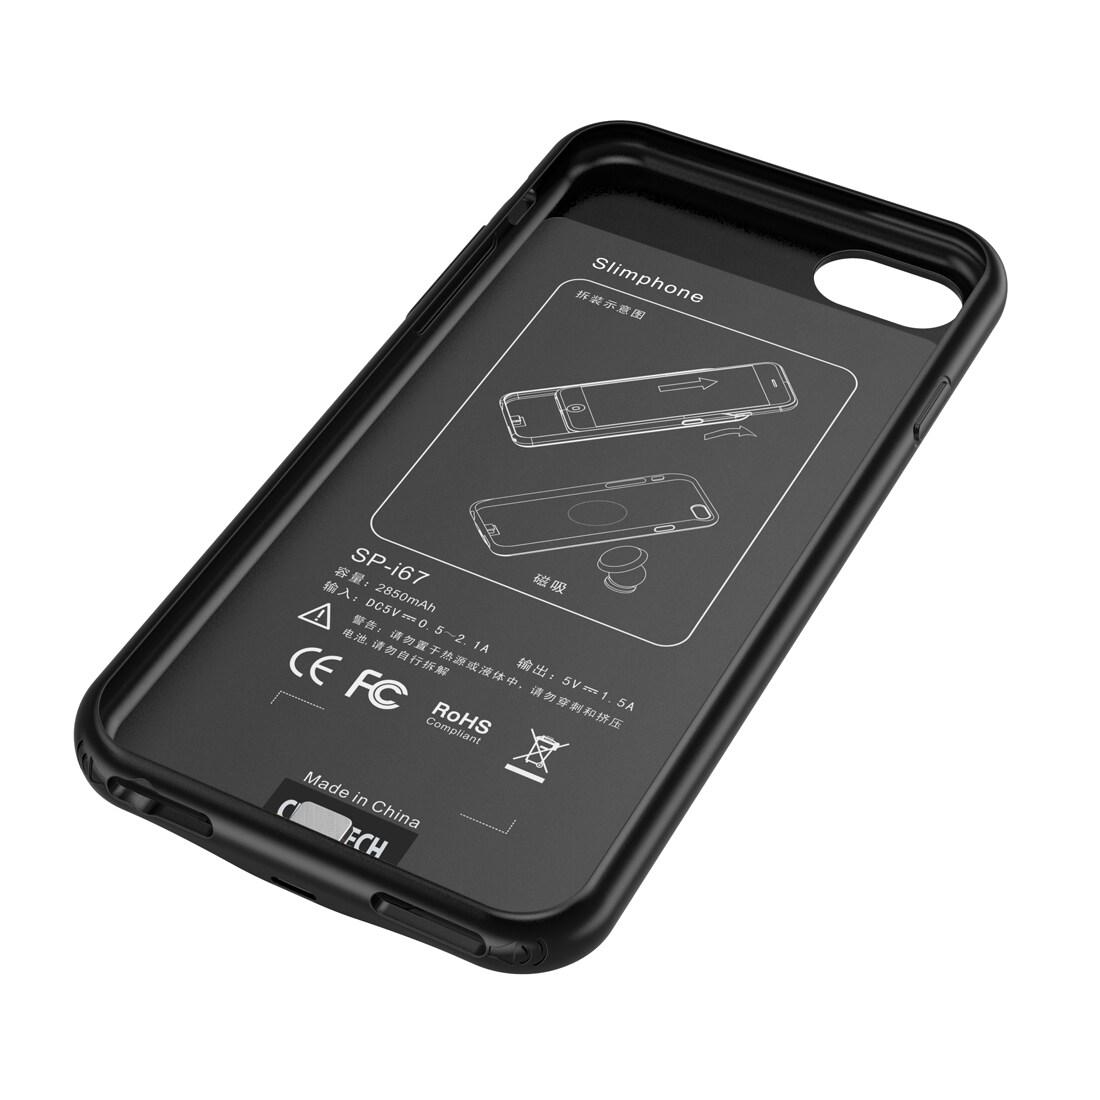 Giá Choetech Công Suất Ngân Hàng Iphone 6/6 S/7/8 (4.7 Inch)